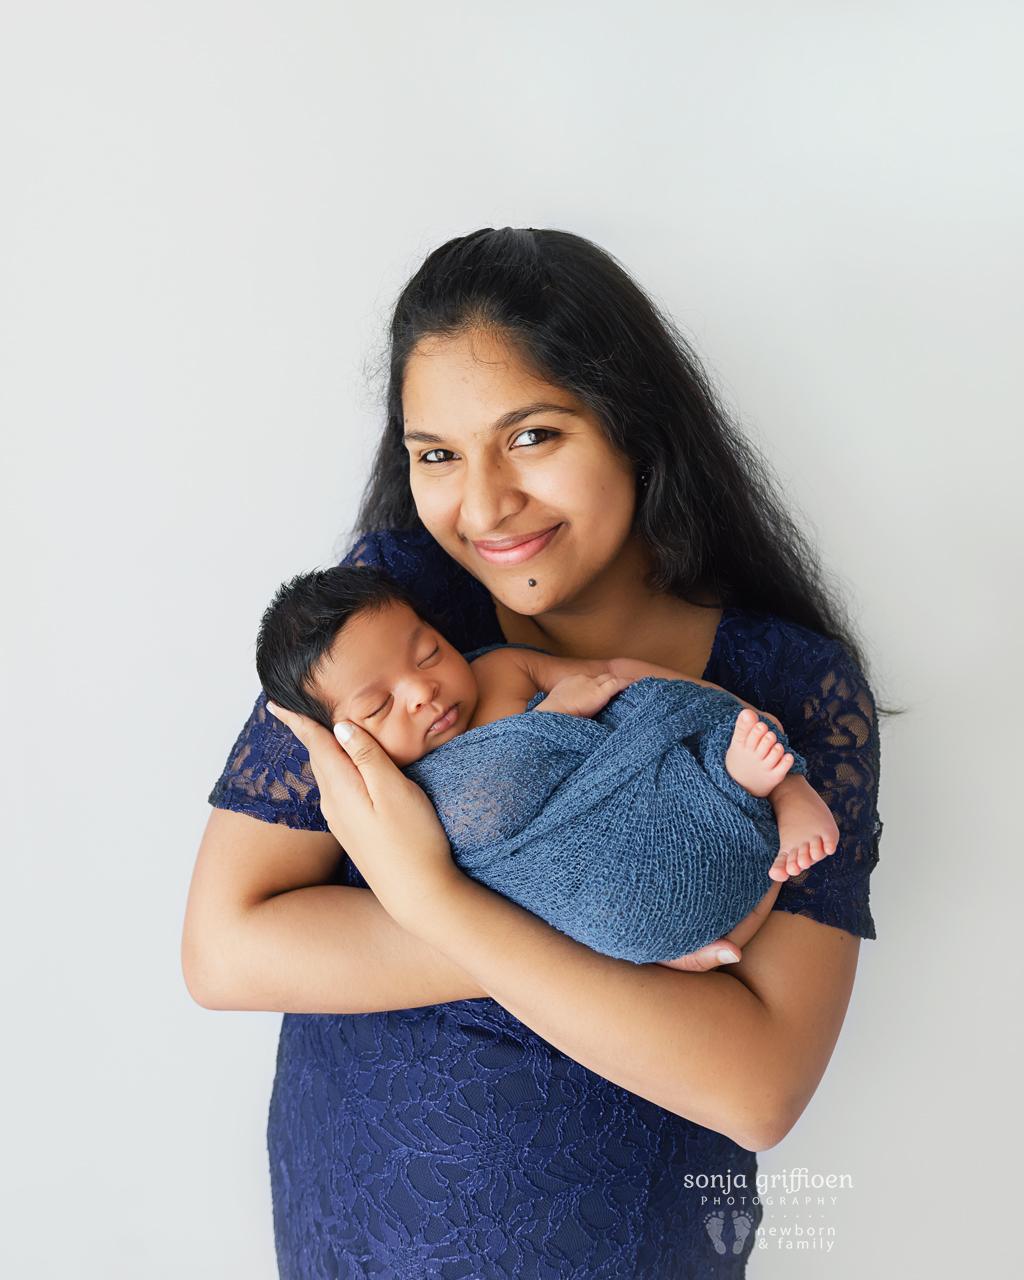 Ezekiel-Newborn-Brisbane-Newborn-Photographer-Sonja-Griffioen-04.jpg